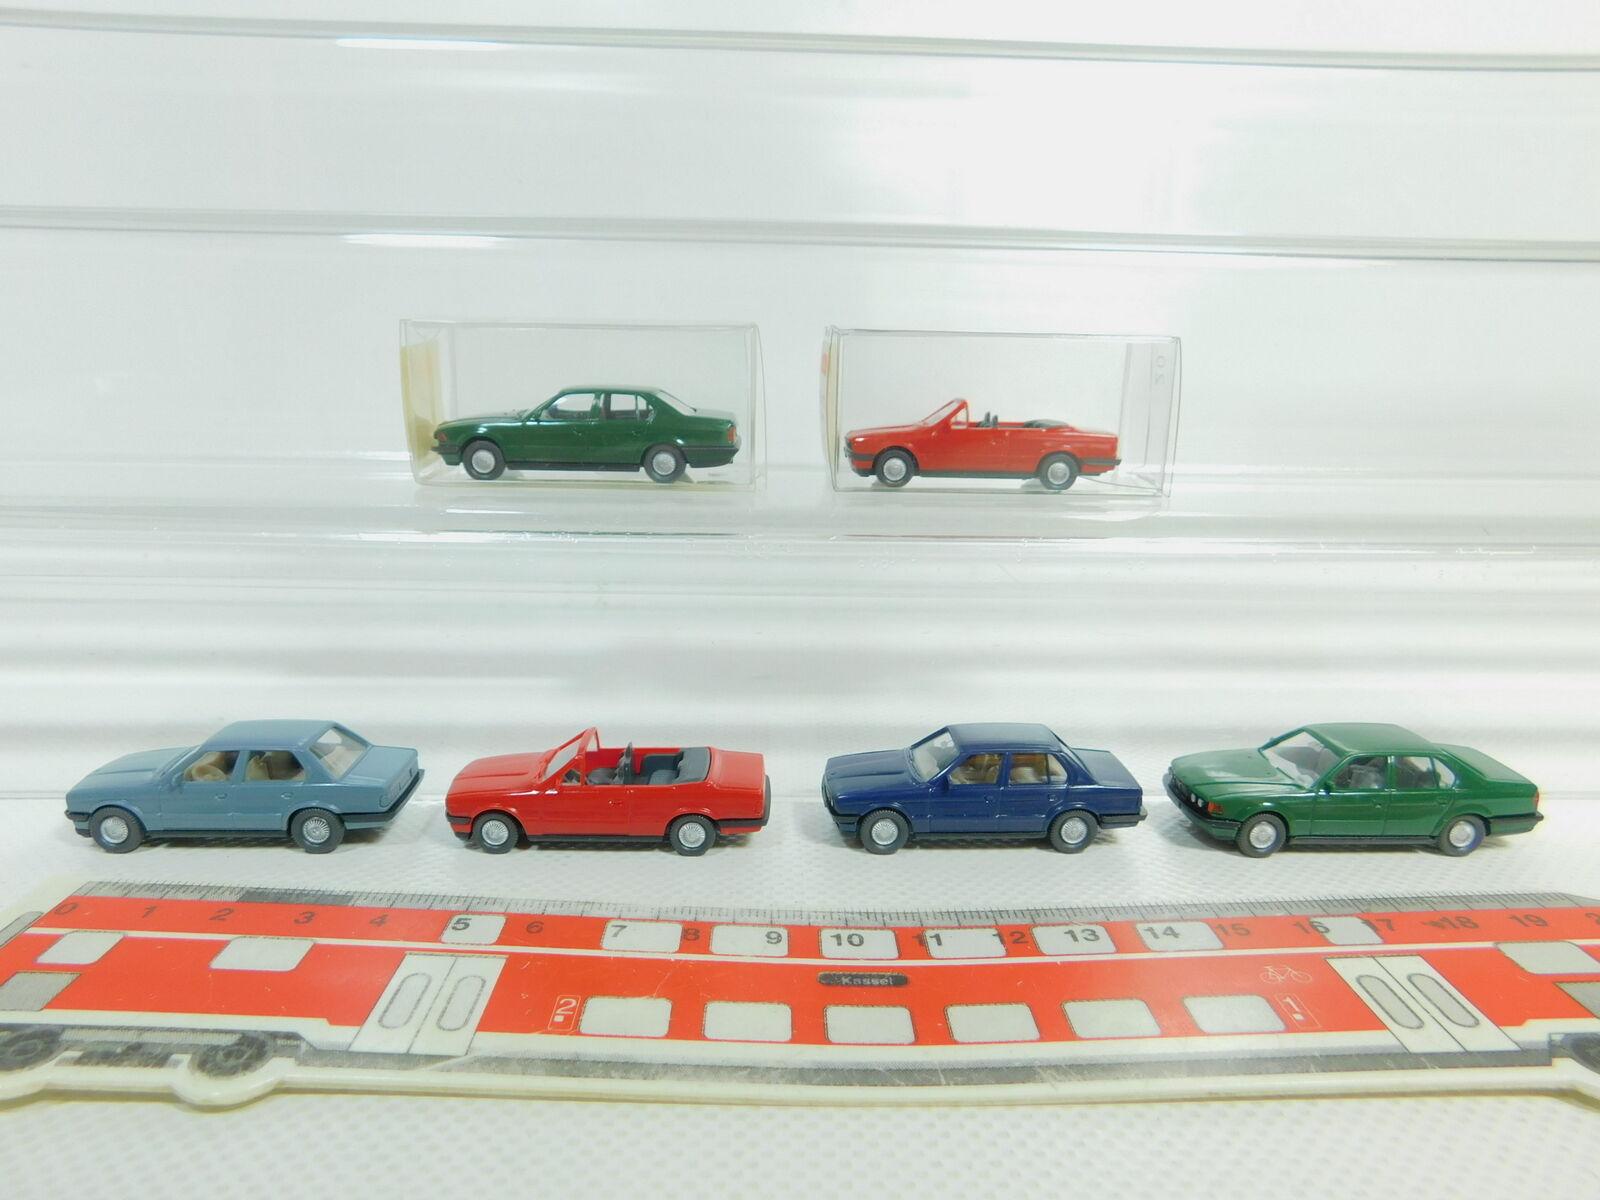 BO612-0,5 x Wiking H0 1 87 87 87 Autovettura BMW   192 750i + 191 320i Cabrio Ecc. b86e11